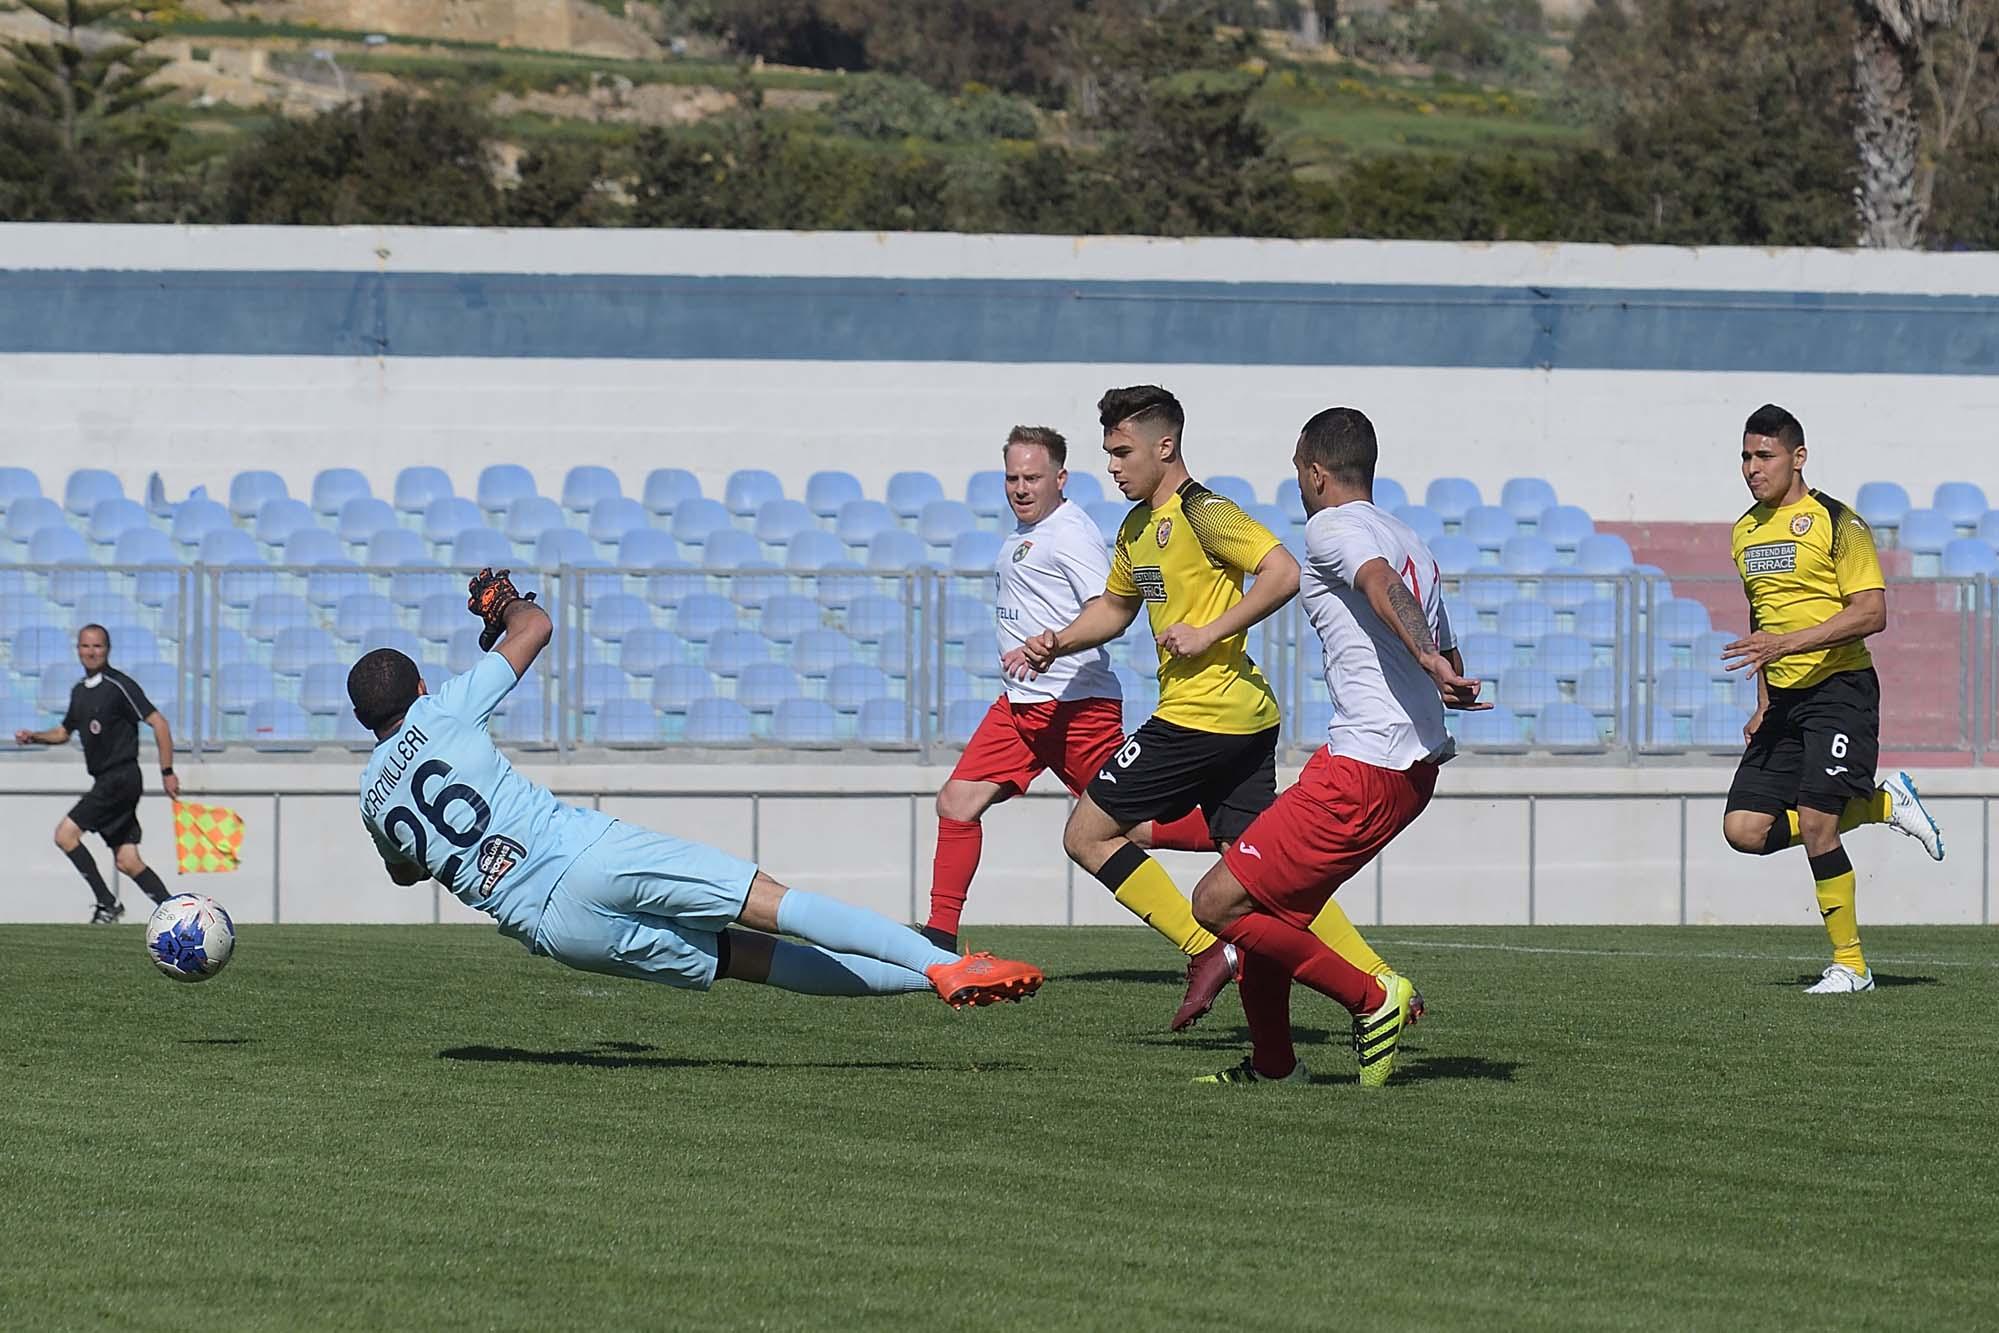 Munxar Falcons FC vs Xewkija Tigers FC - 5-4